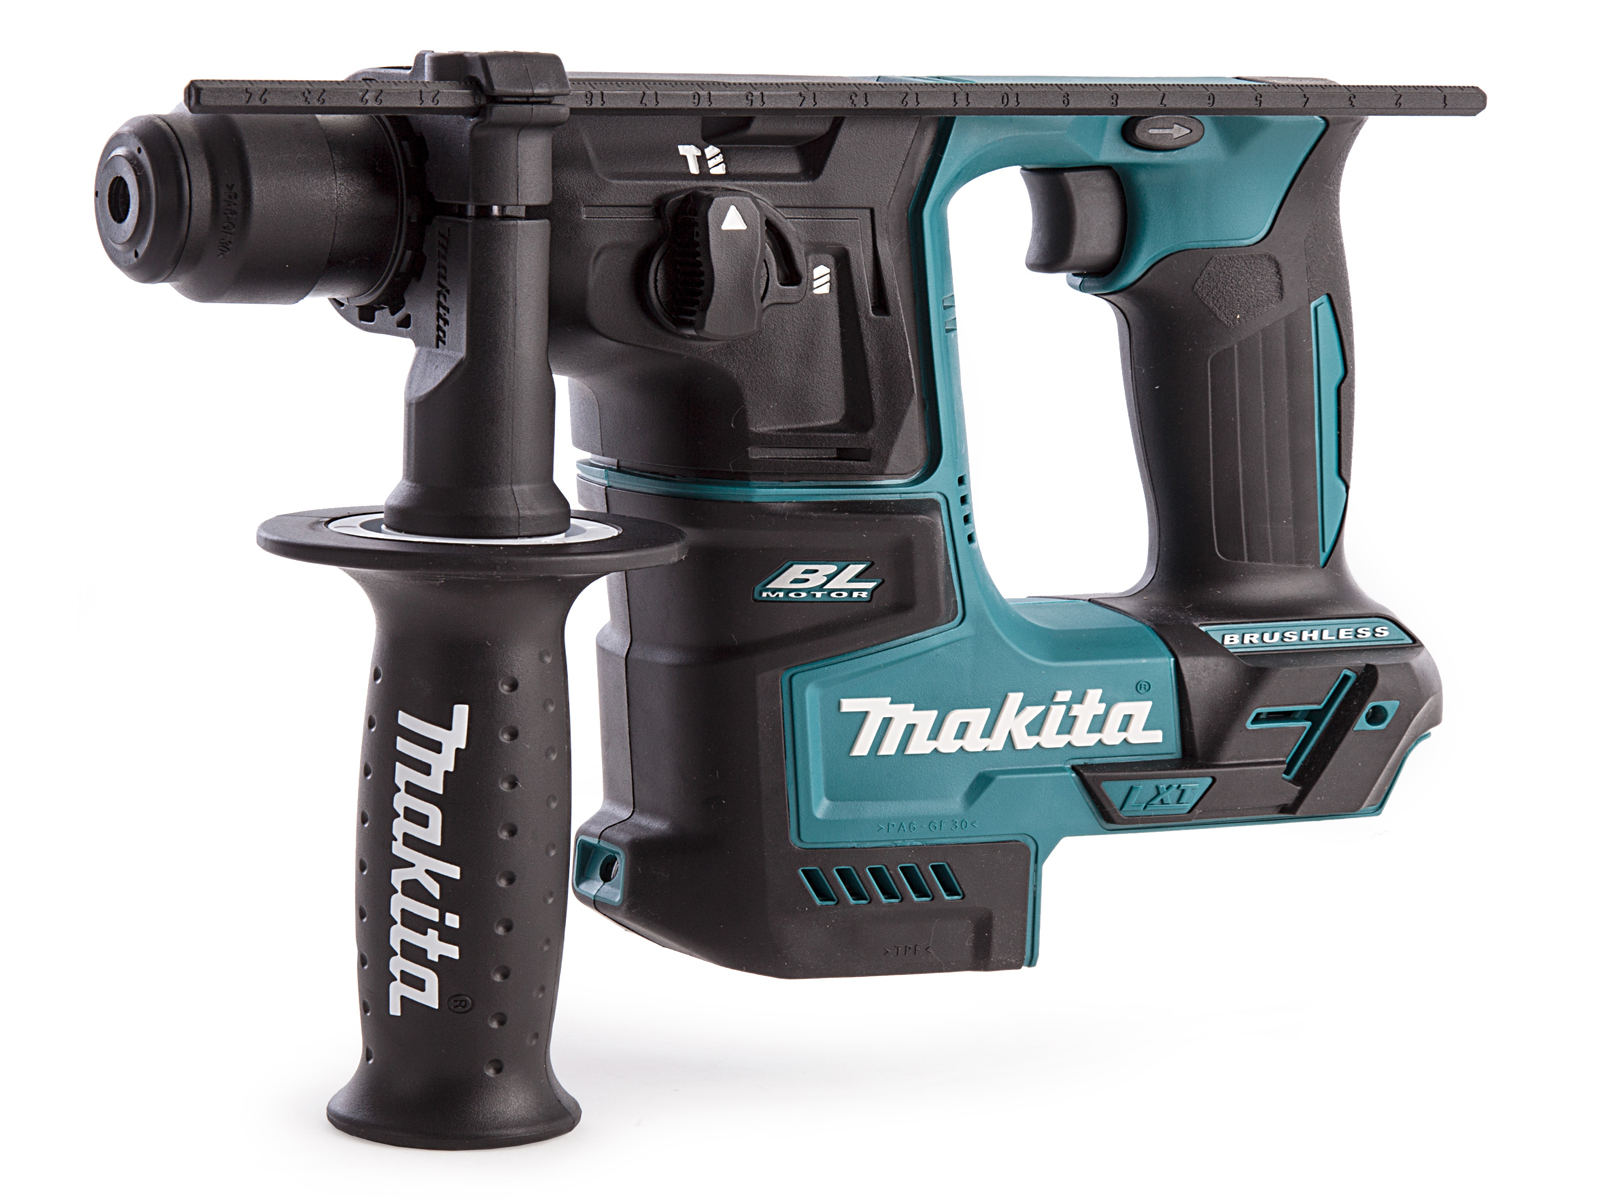 Makita 18V Brushless Rotary Hammer Drill 17mm - DHR171 - Body Only